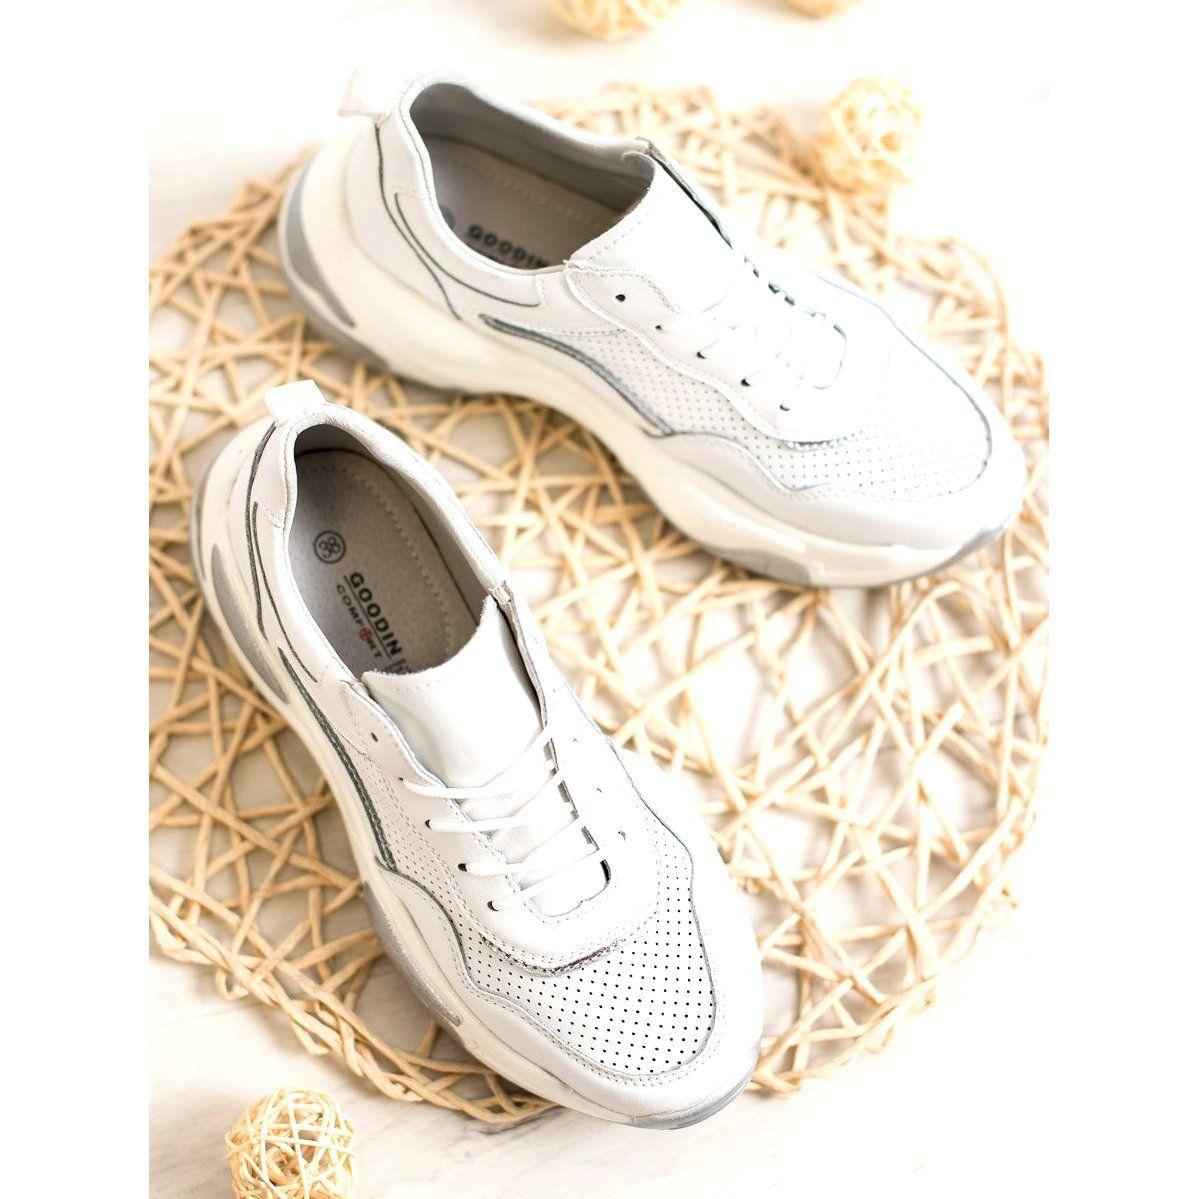 Goodin Skorzane Sneakersy Biale Wielokolorowe Shoes Puma Sneaker Sneakers